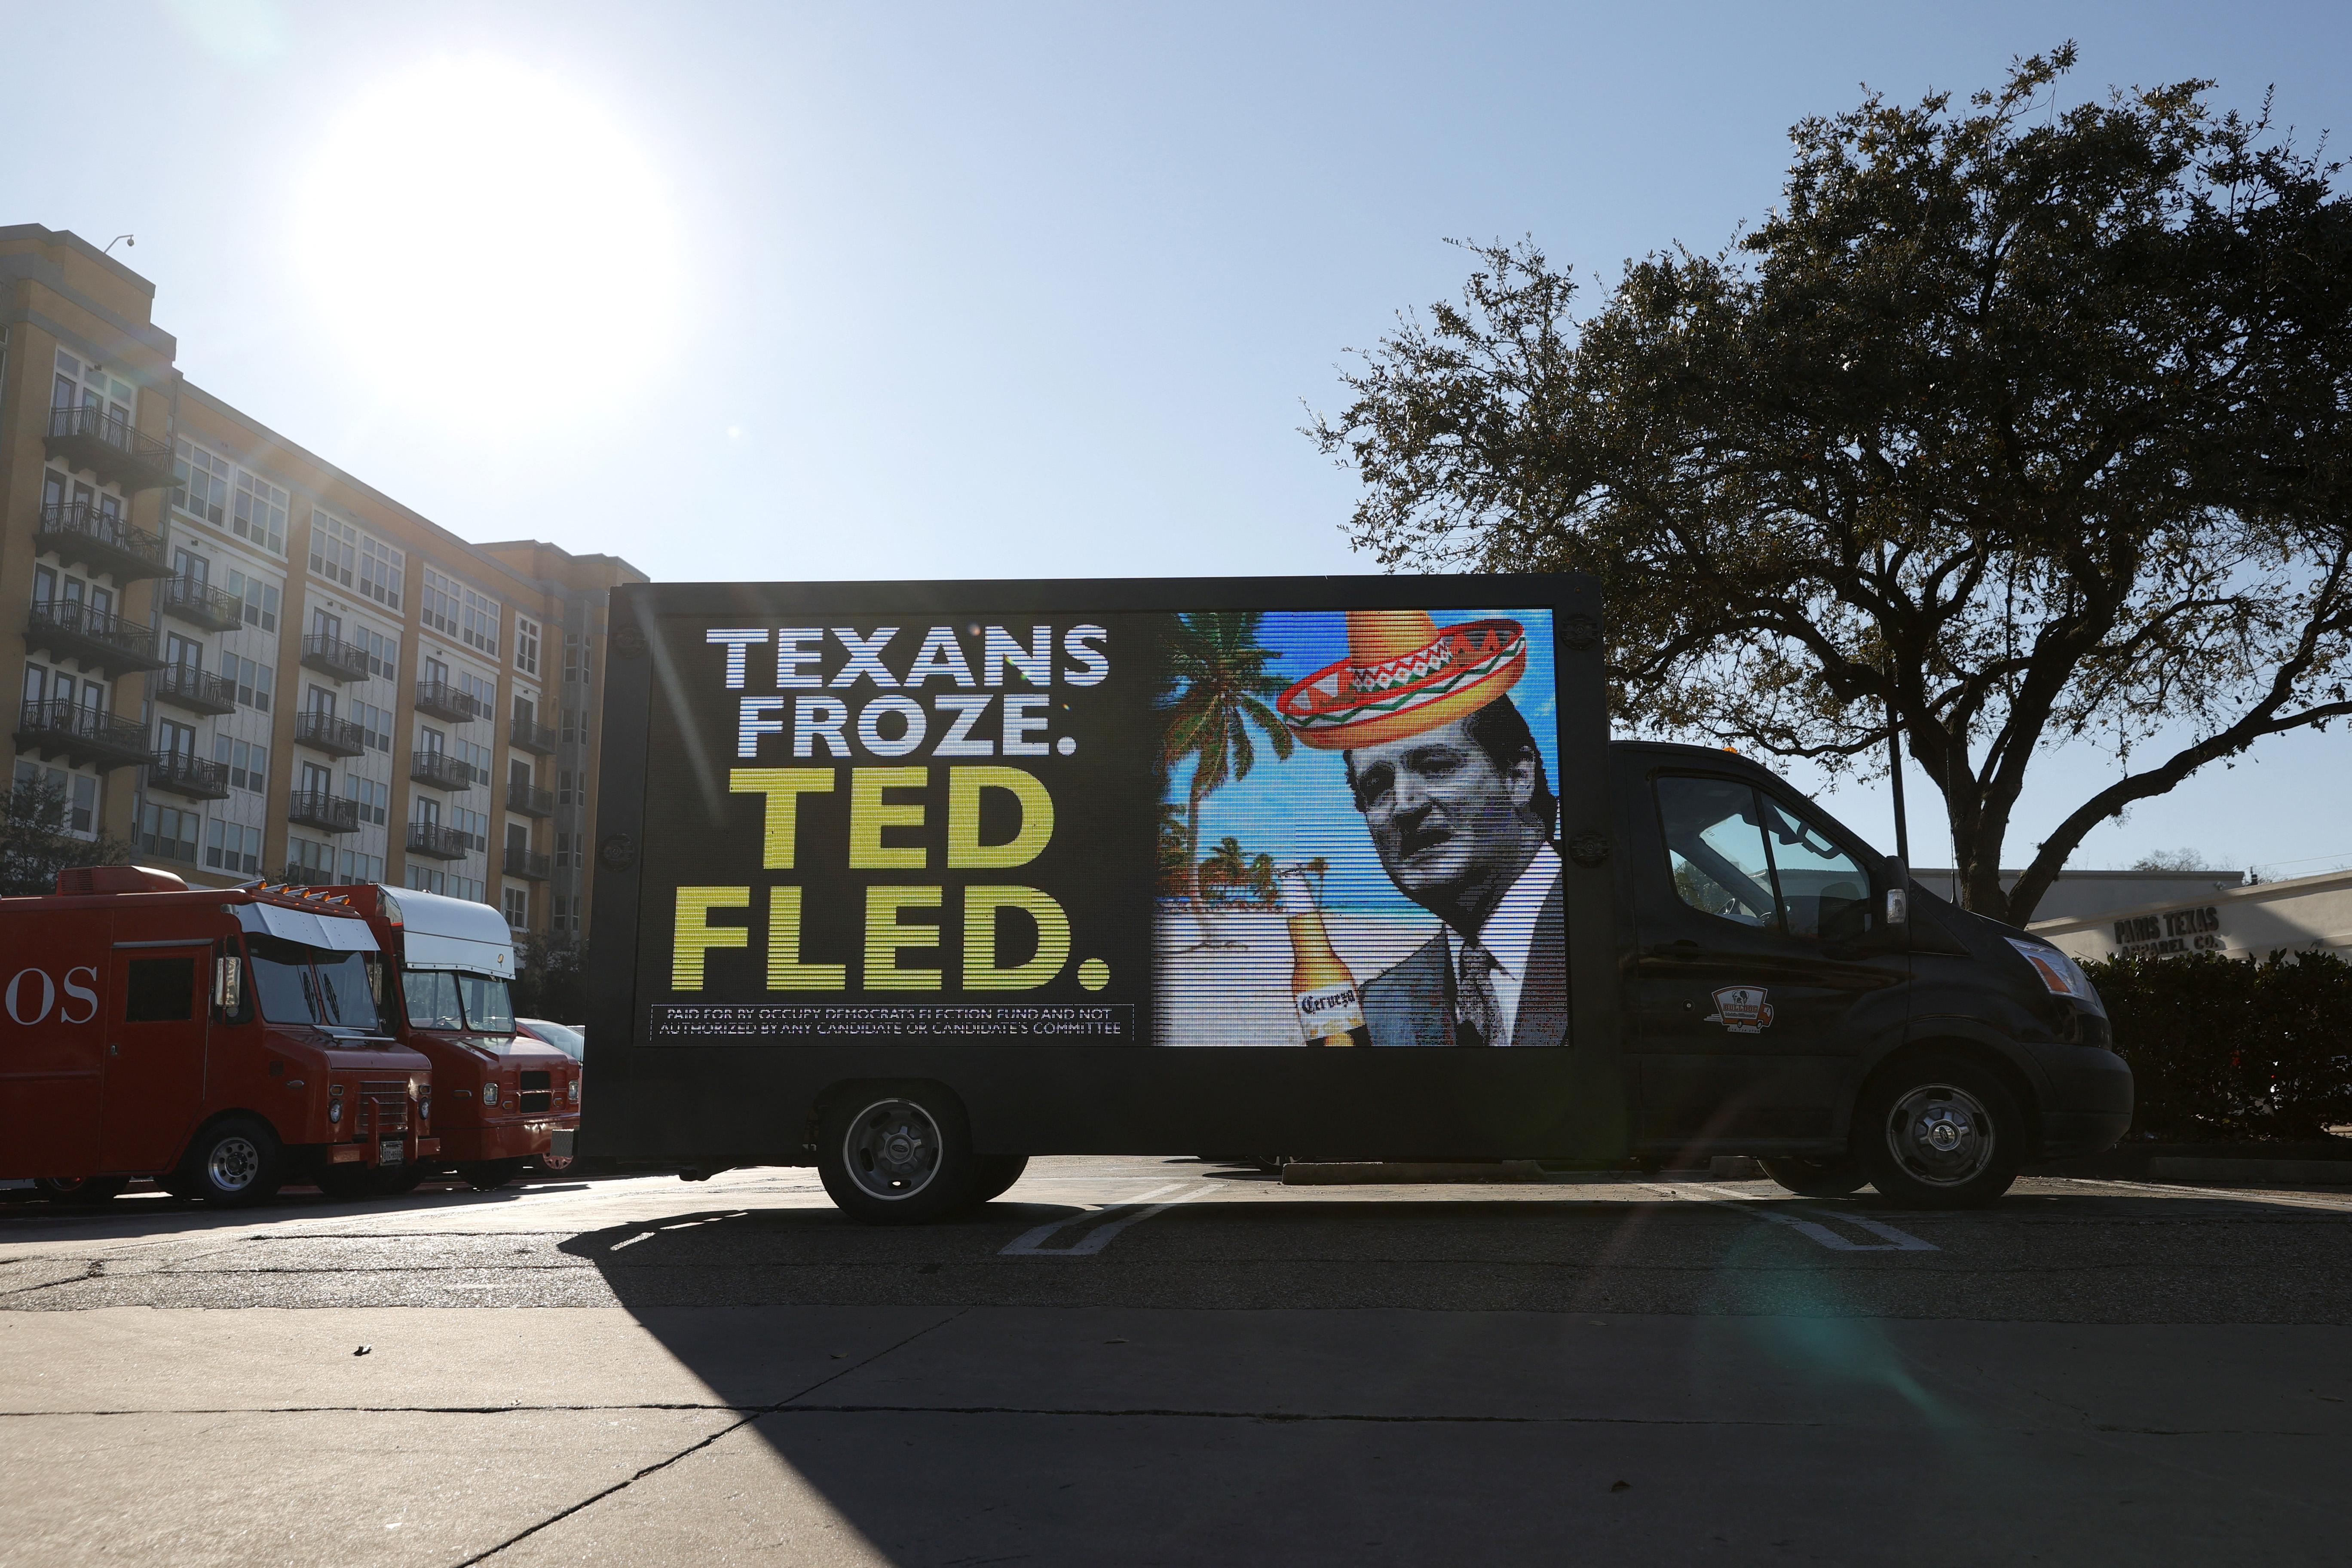 Majdnem teljesen összeomlott Texas energiaellátása, pont azért, mert nem tudták elképzelni, hogy ez megtörténhet